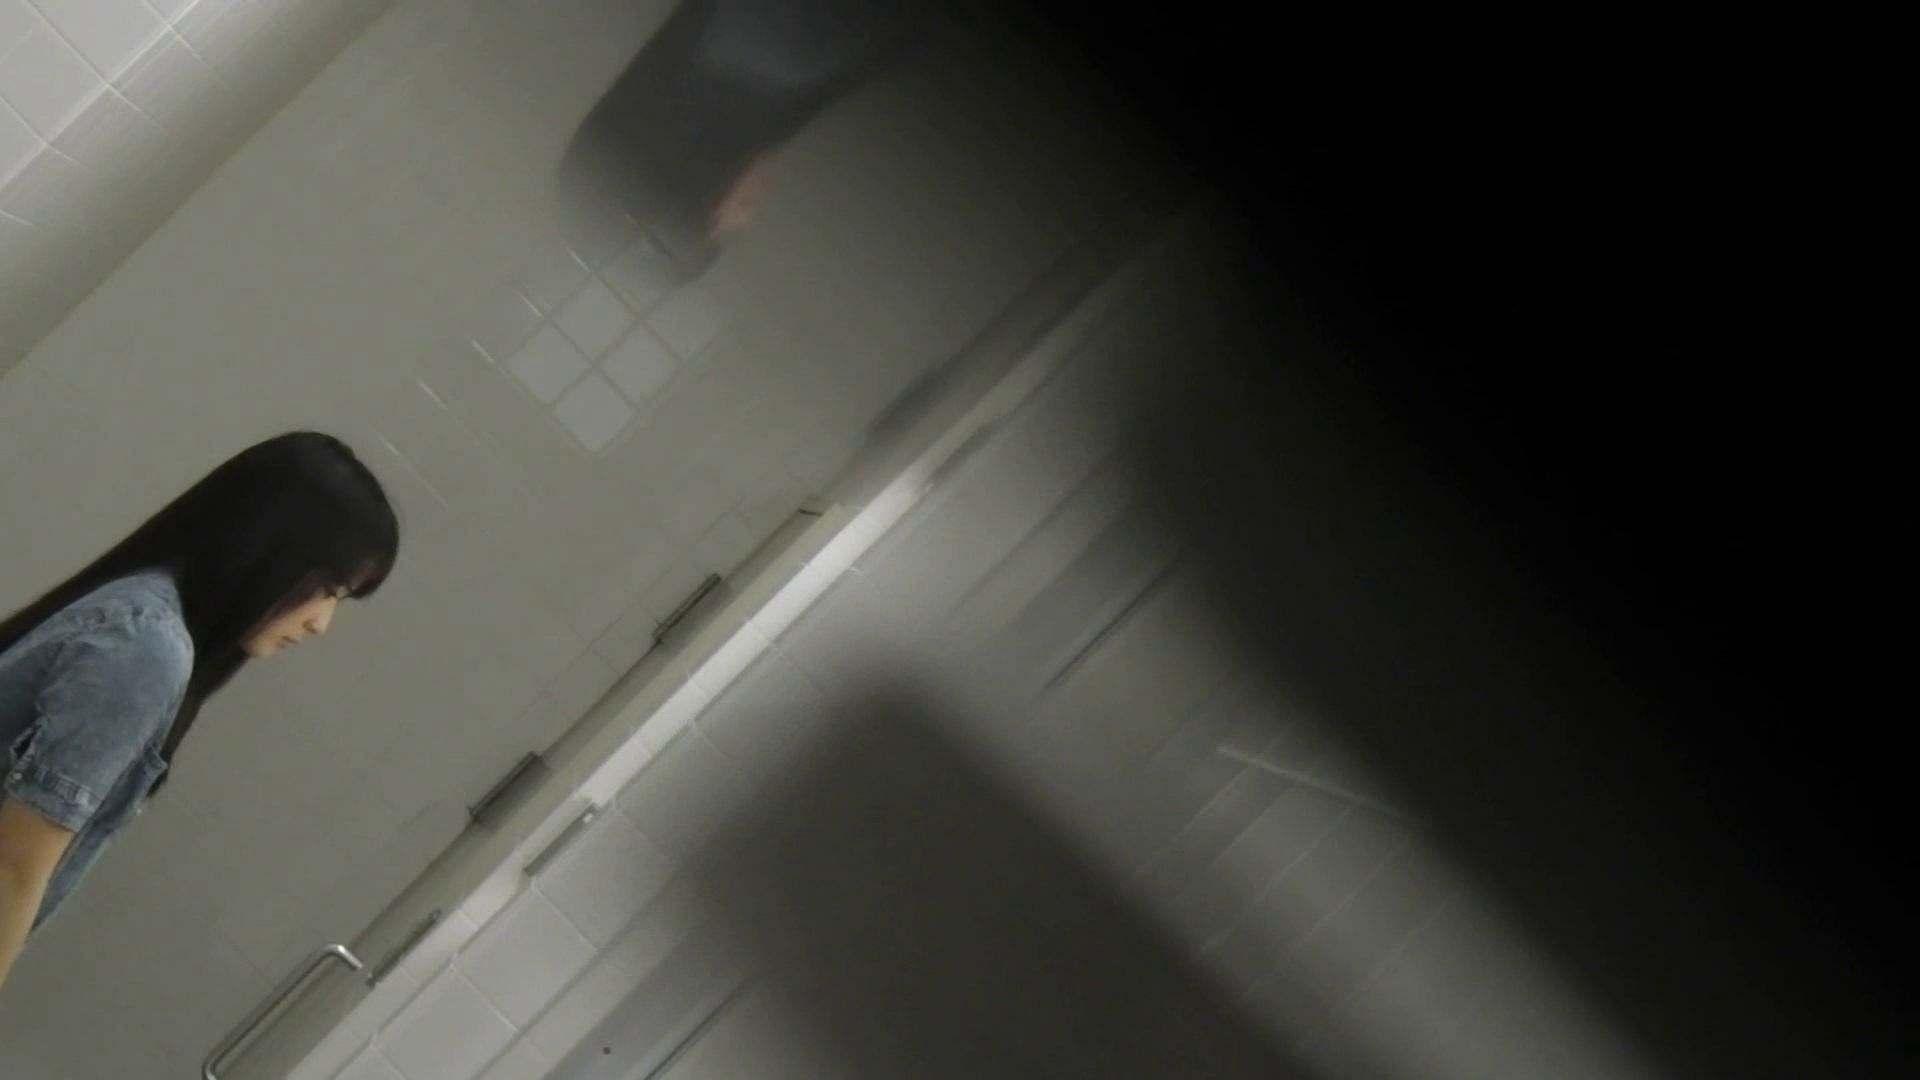 vol.20 命がけ潜伏洗面所! 清楚系可愛いギャル 美人 われめAV動画紹介 103pic 23